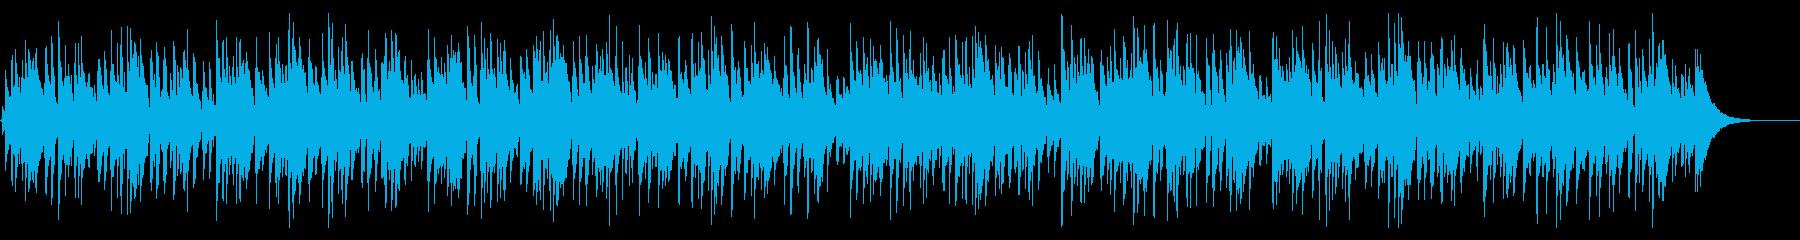 おしゃれ系アコースティックギターボサノバの再生済みの波形